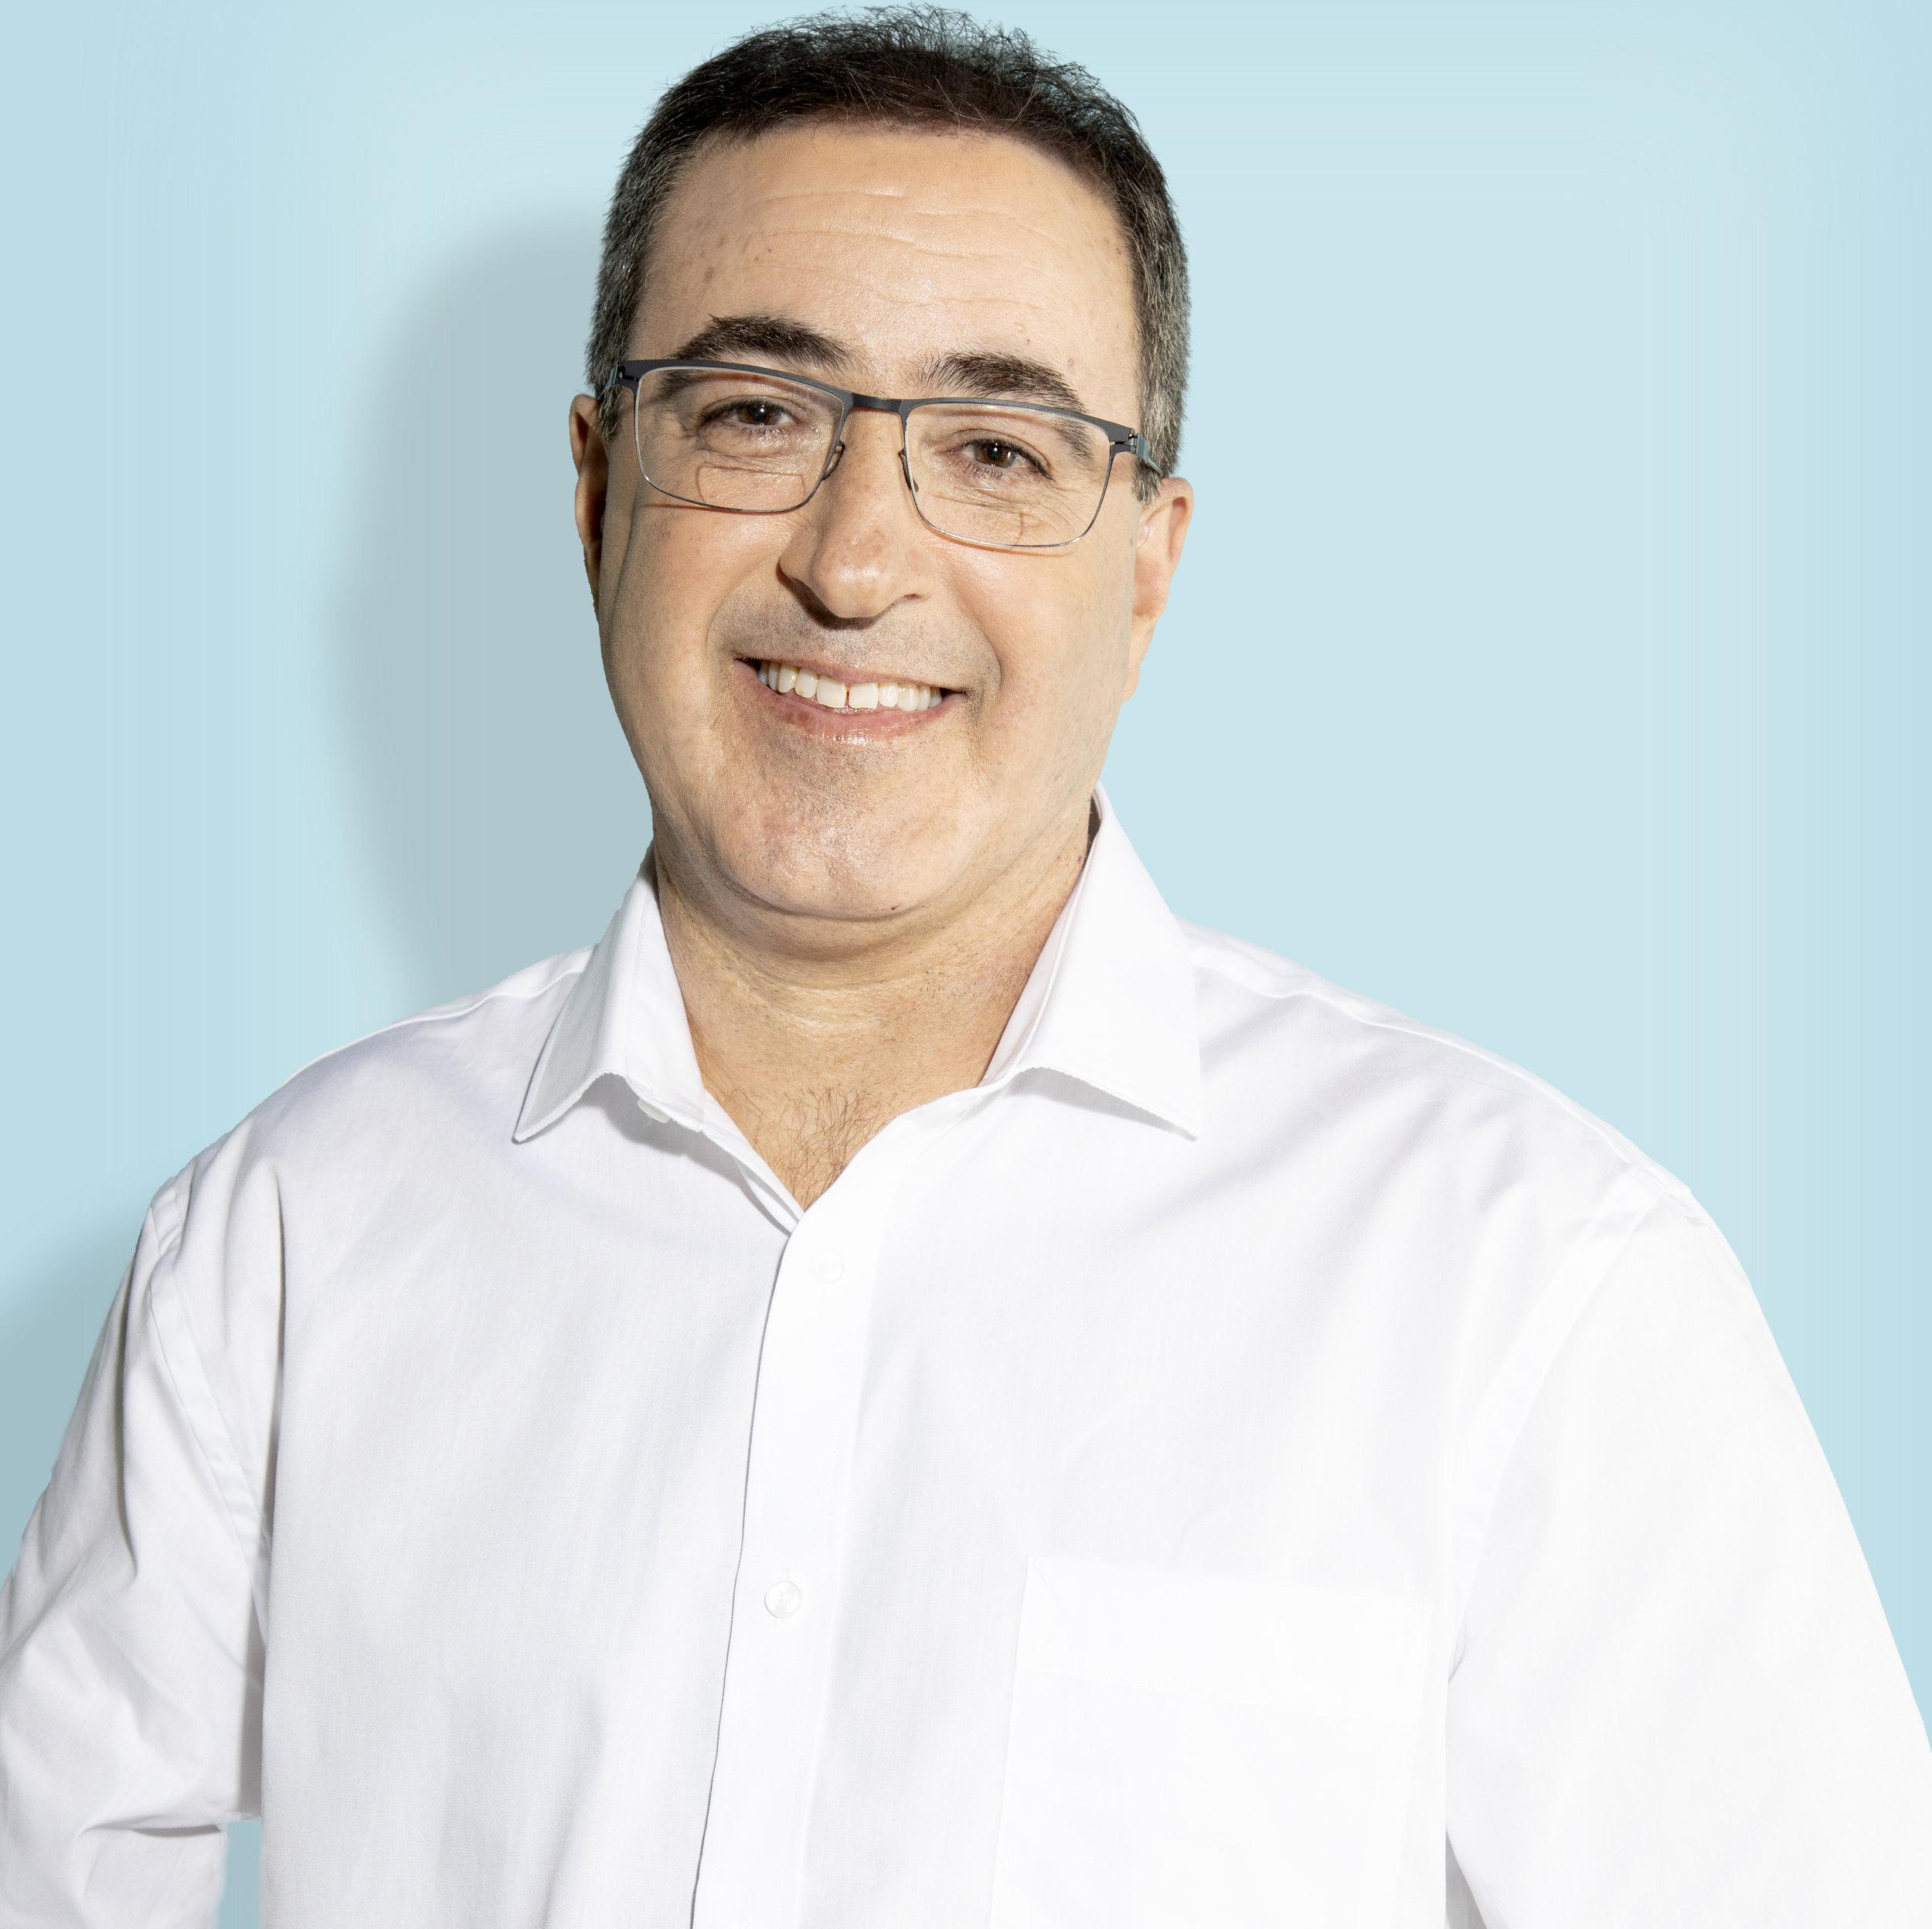 Dr. Elie Israel DDS